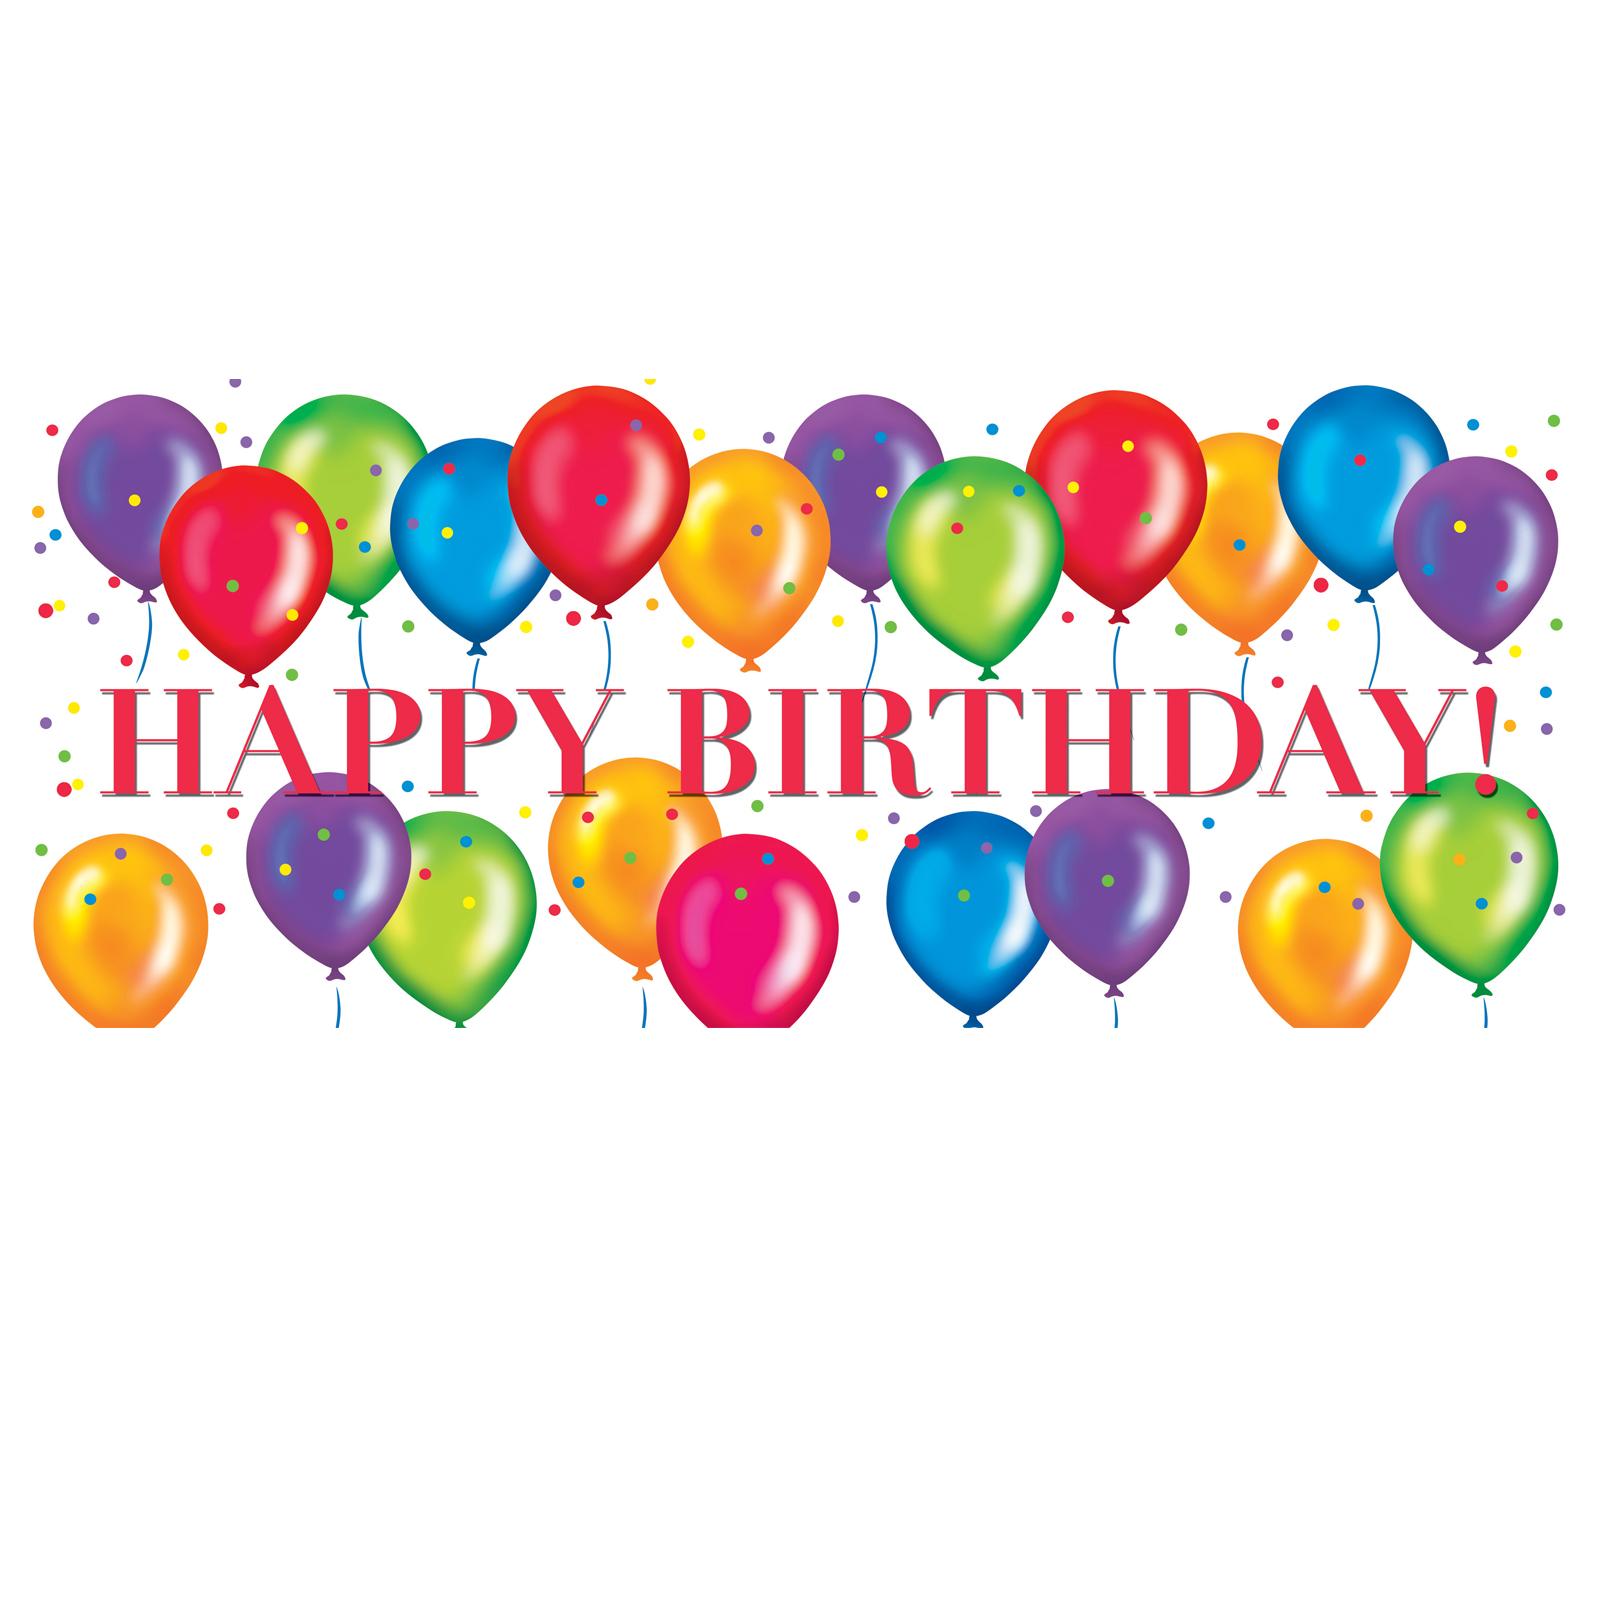 Happy Birthday Clipart Free - ClipartFes-Happy birthday clipart free - ClipartFest-11